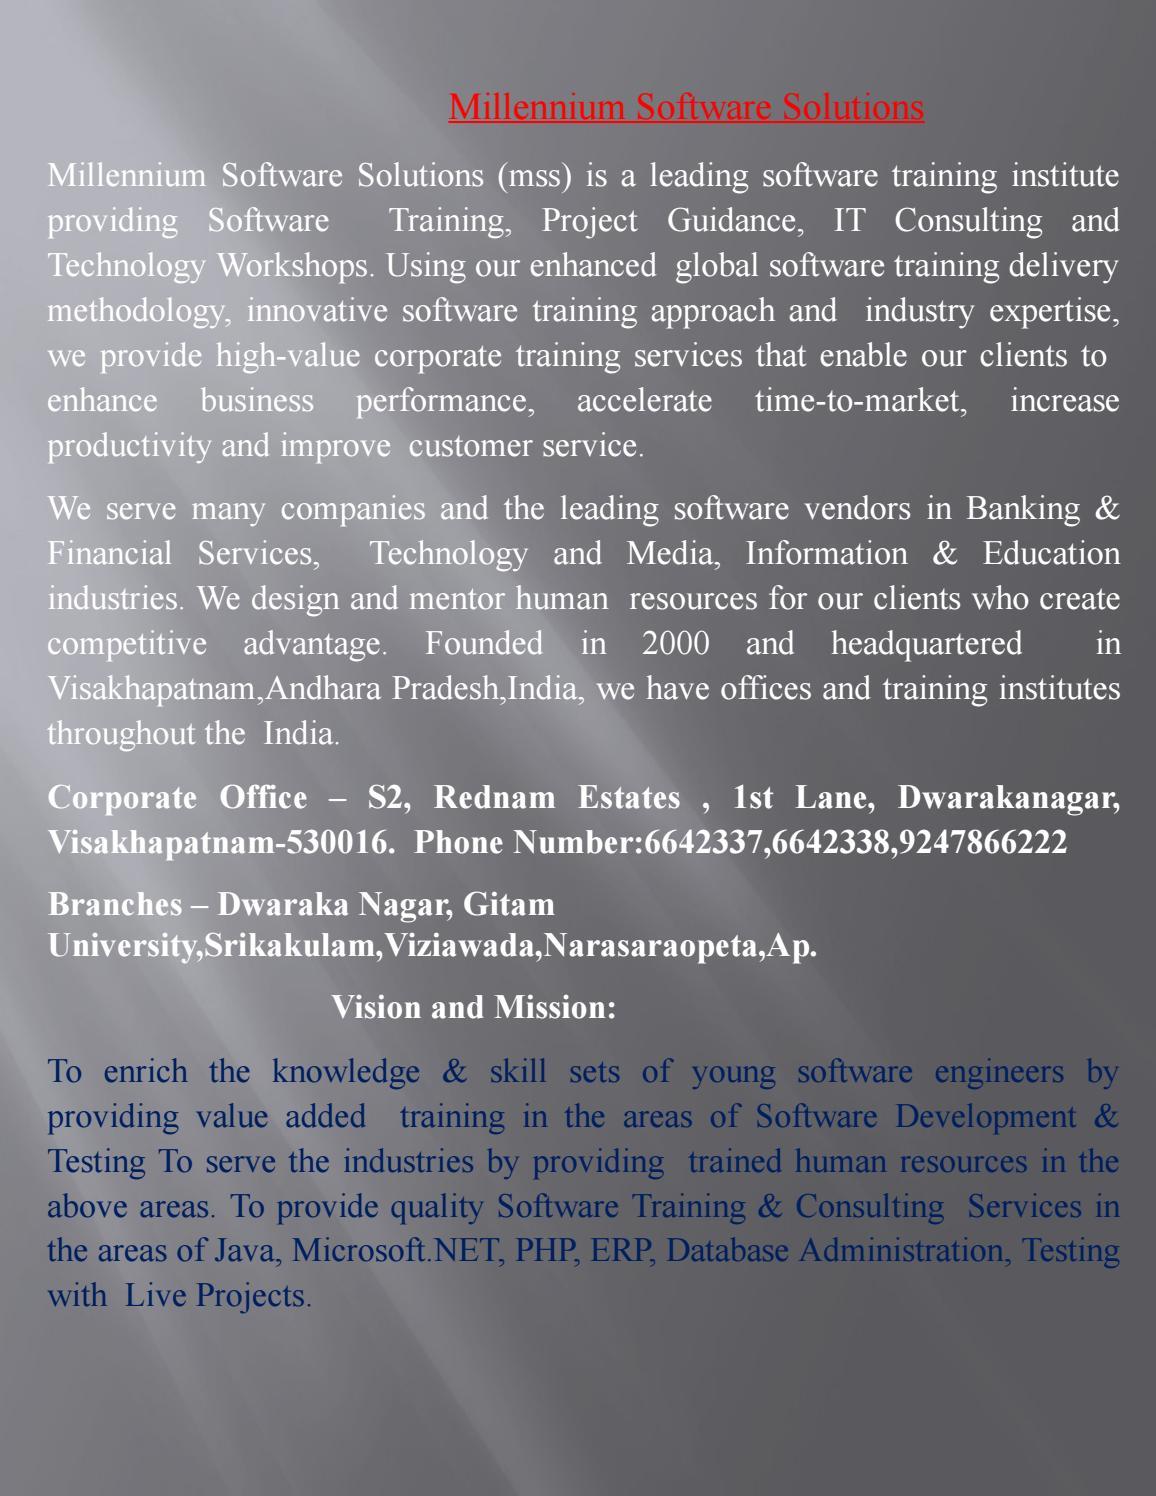 Best IT Software Training Institute in Dwarakanagar